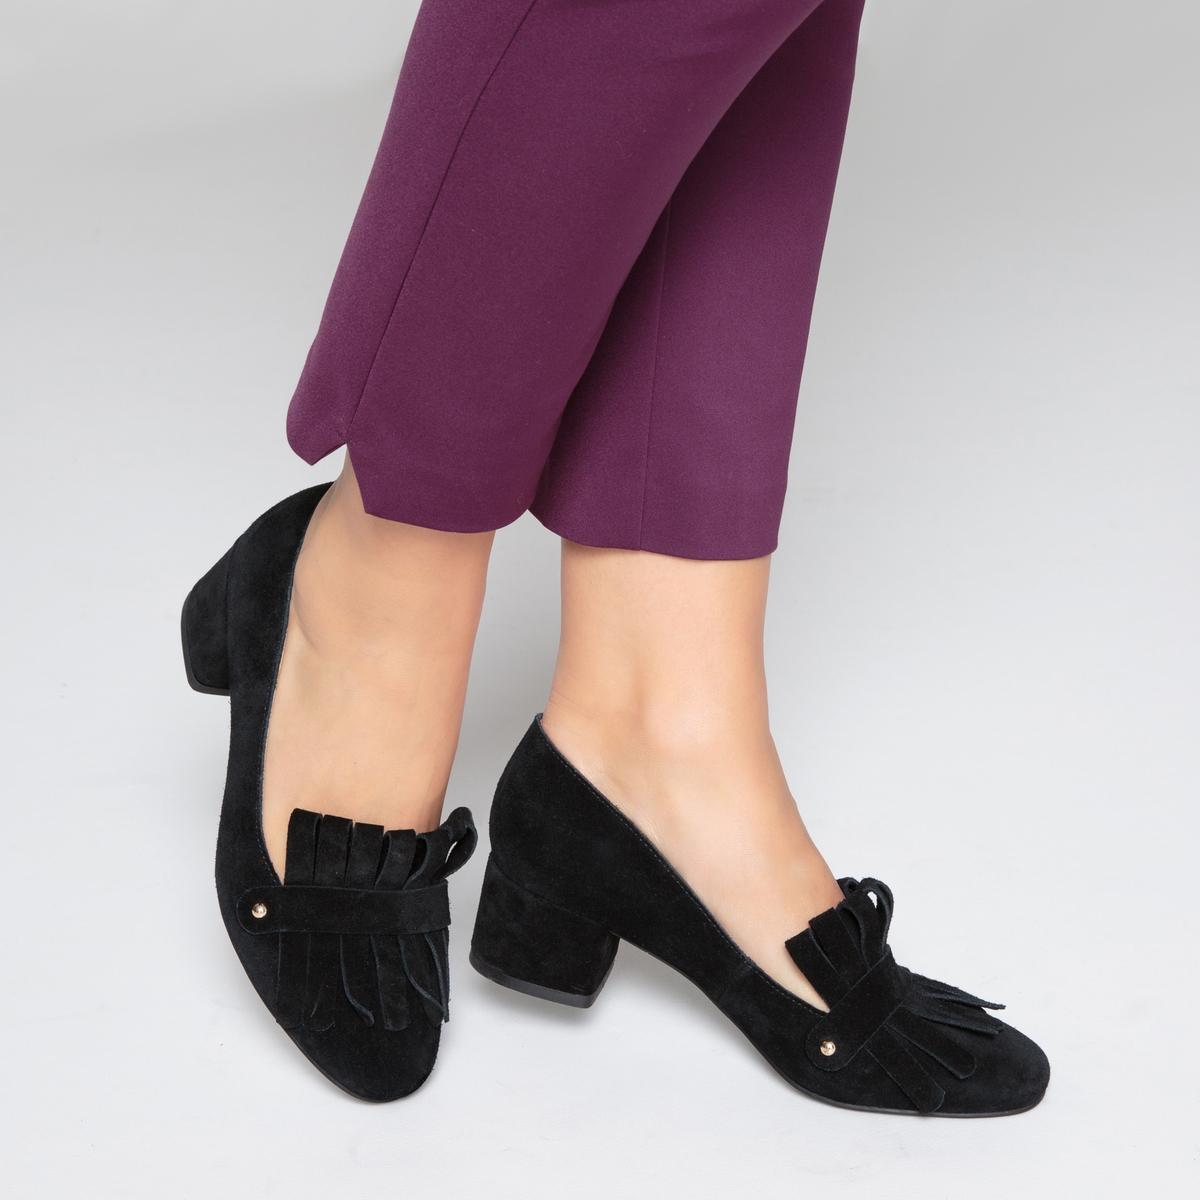 Мокасины кожаные на среднем каблуке